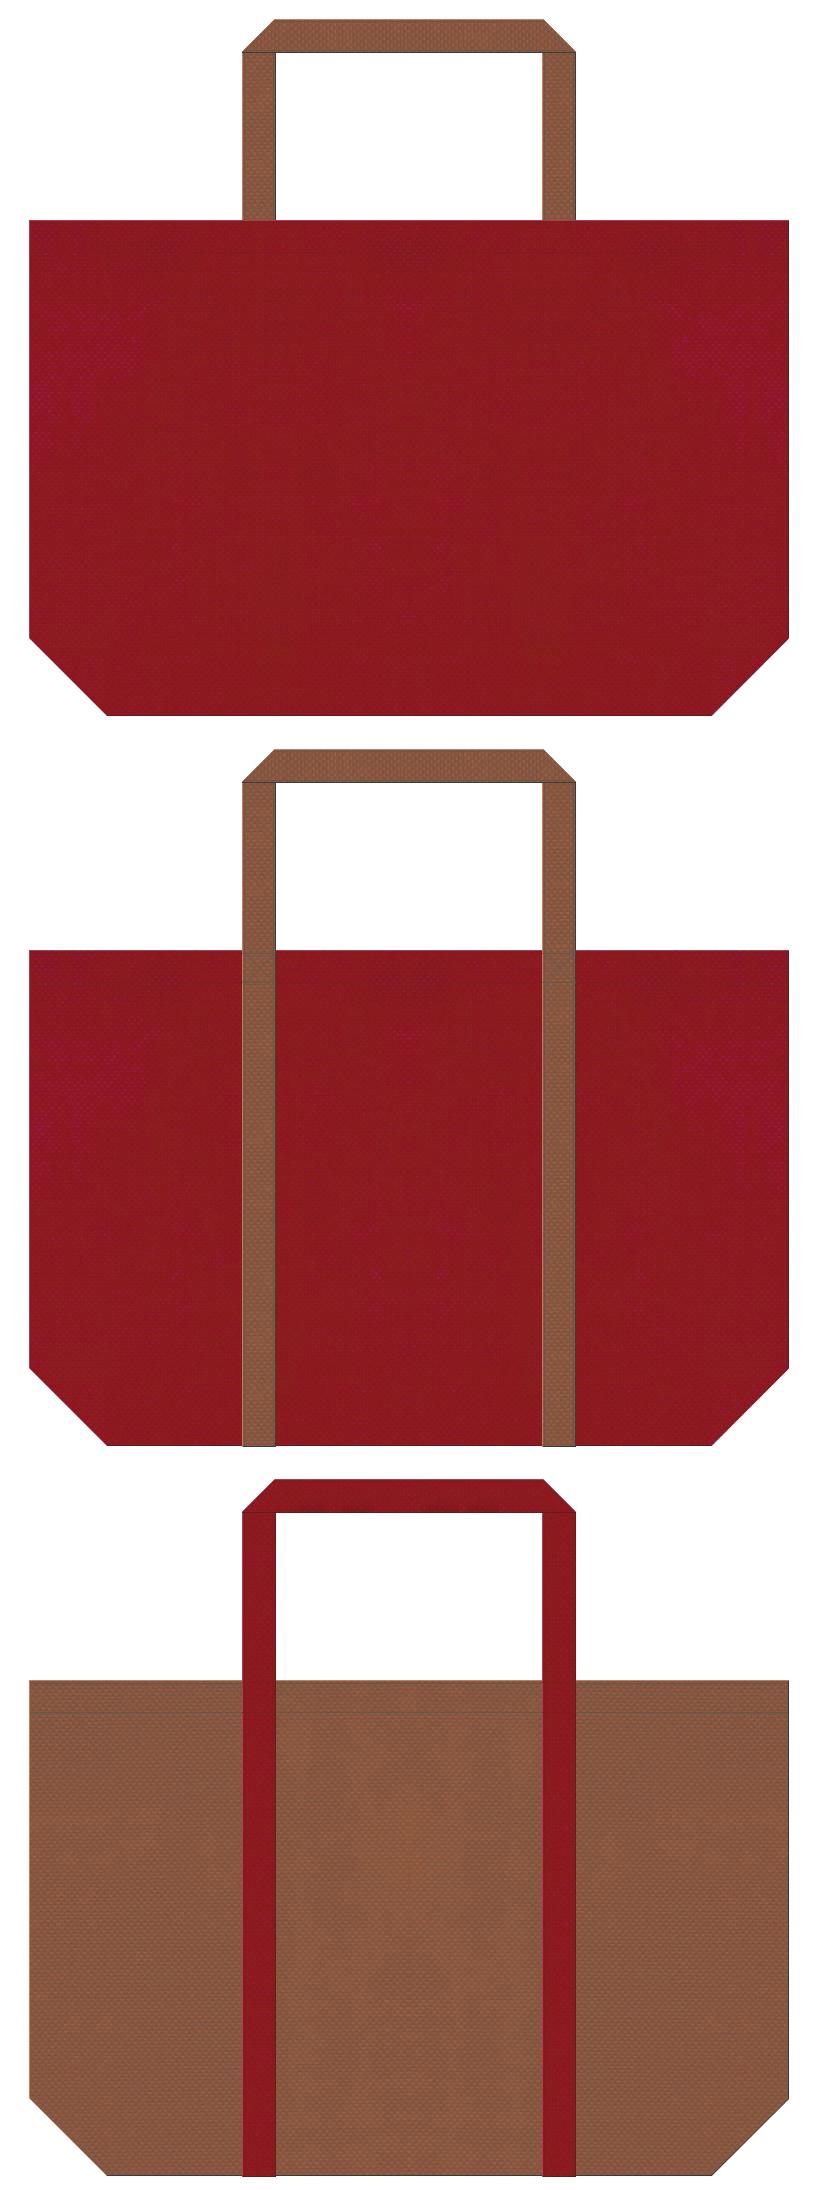 お正月・福袋・ぜんざい・甘味処・茶会・観光土産・味噌・醤油・煎餅・和菓子・和雑貨・和風催事にお奨め:エンジ色と茶色の不織布ショッピングバッグのデザイン